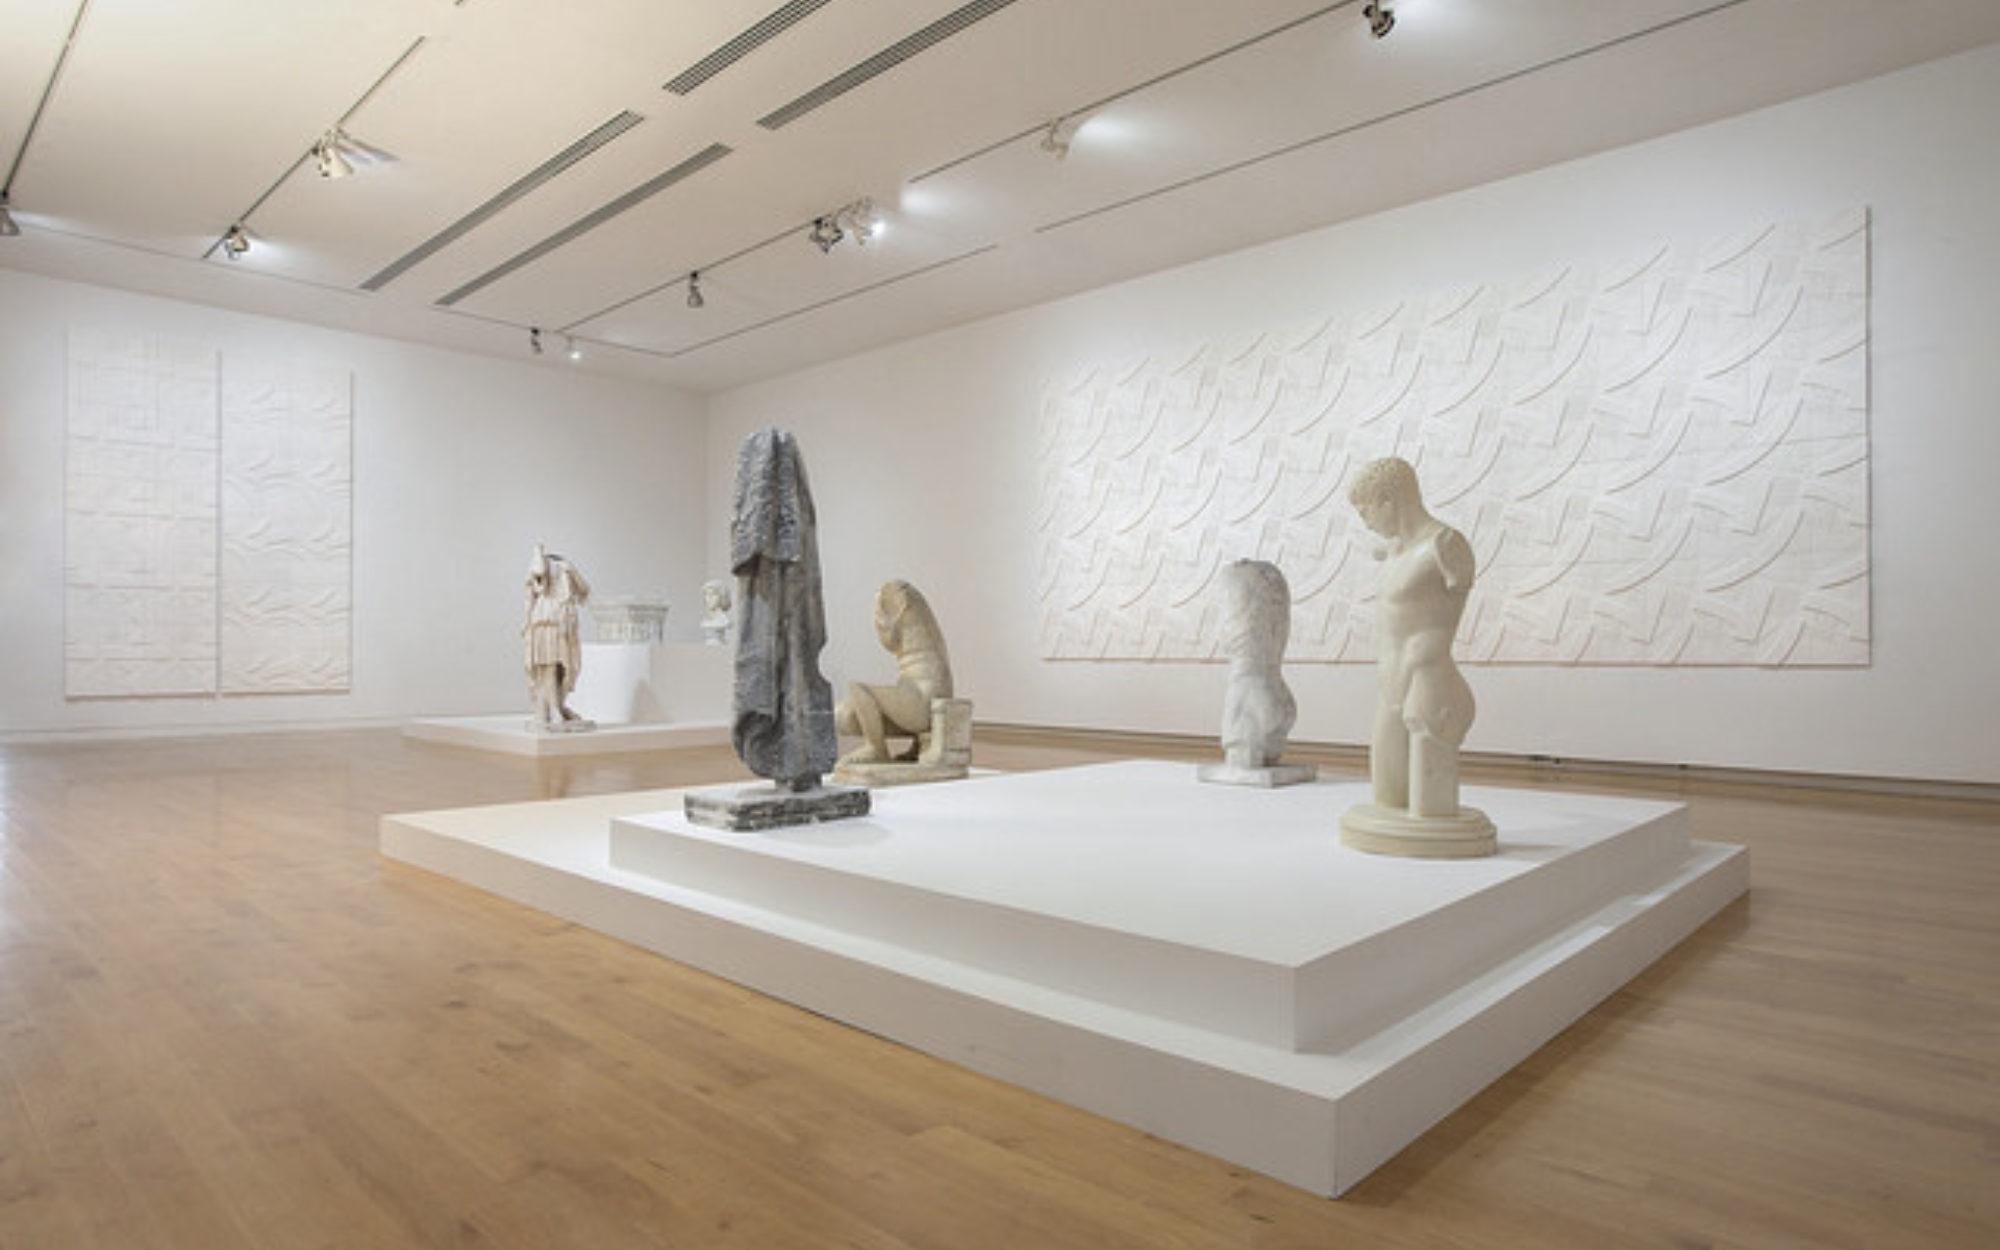 White sculptures on a platform in The Aldrich's gallery